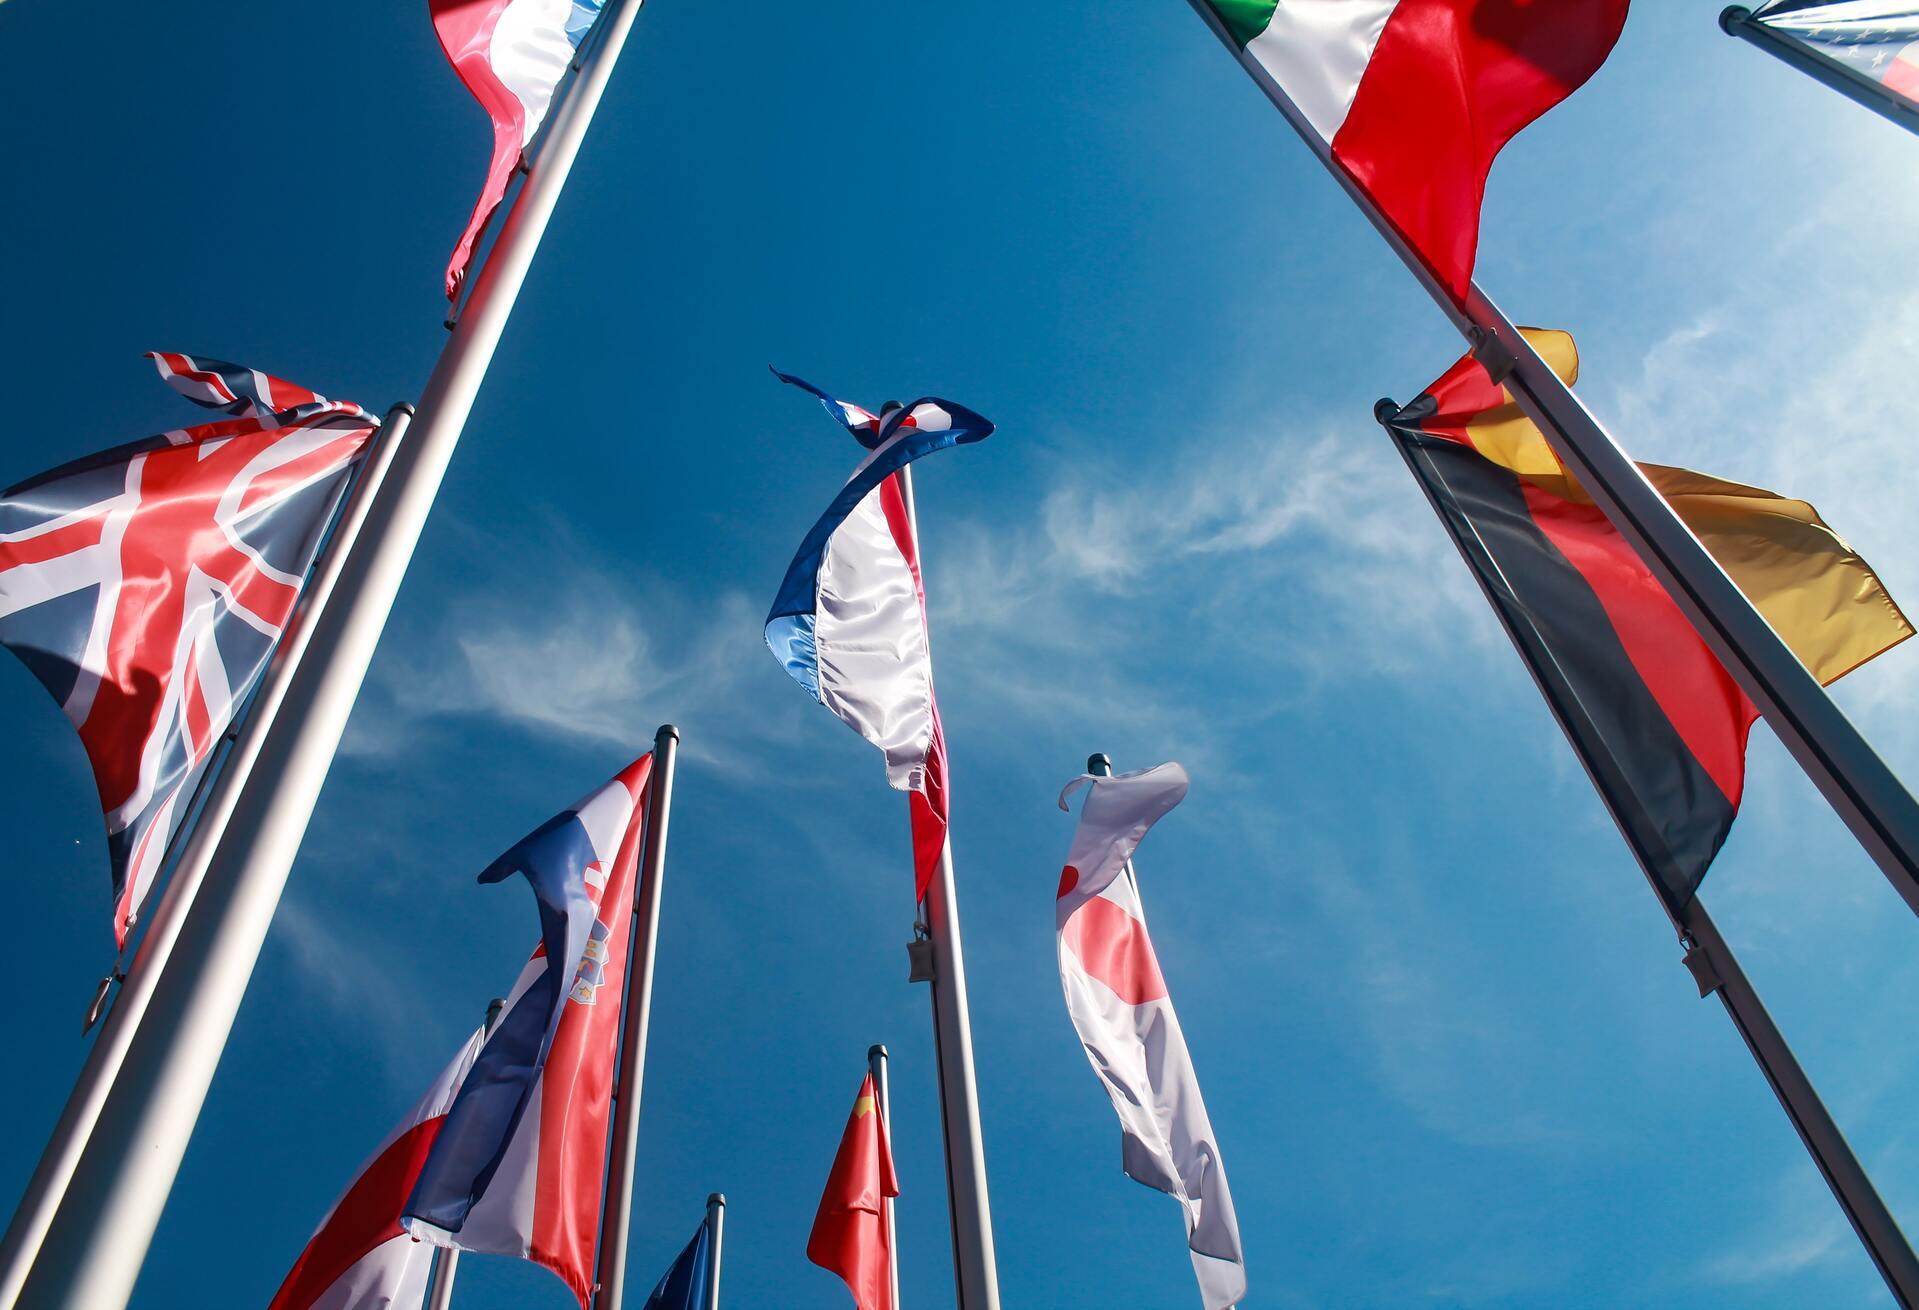 За минималистичными цветовыми сочетаниями стоят люди и целые народы со своими принципами и традициями